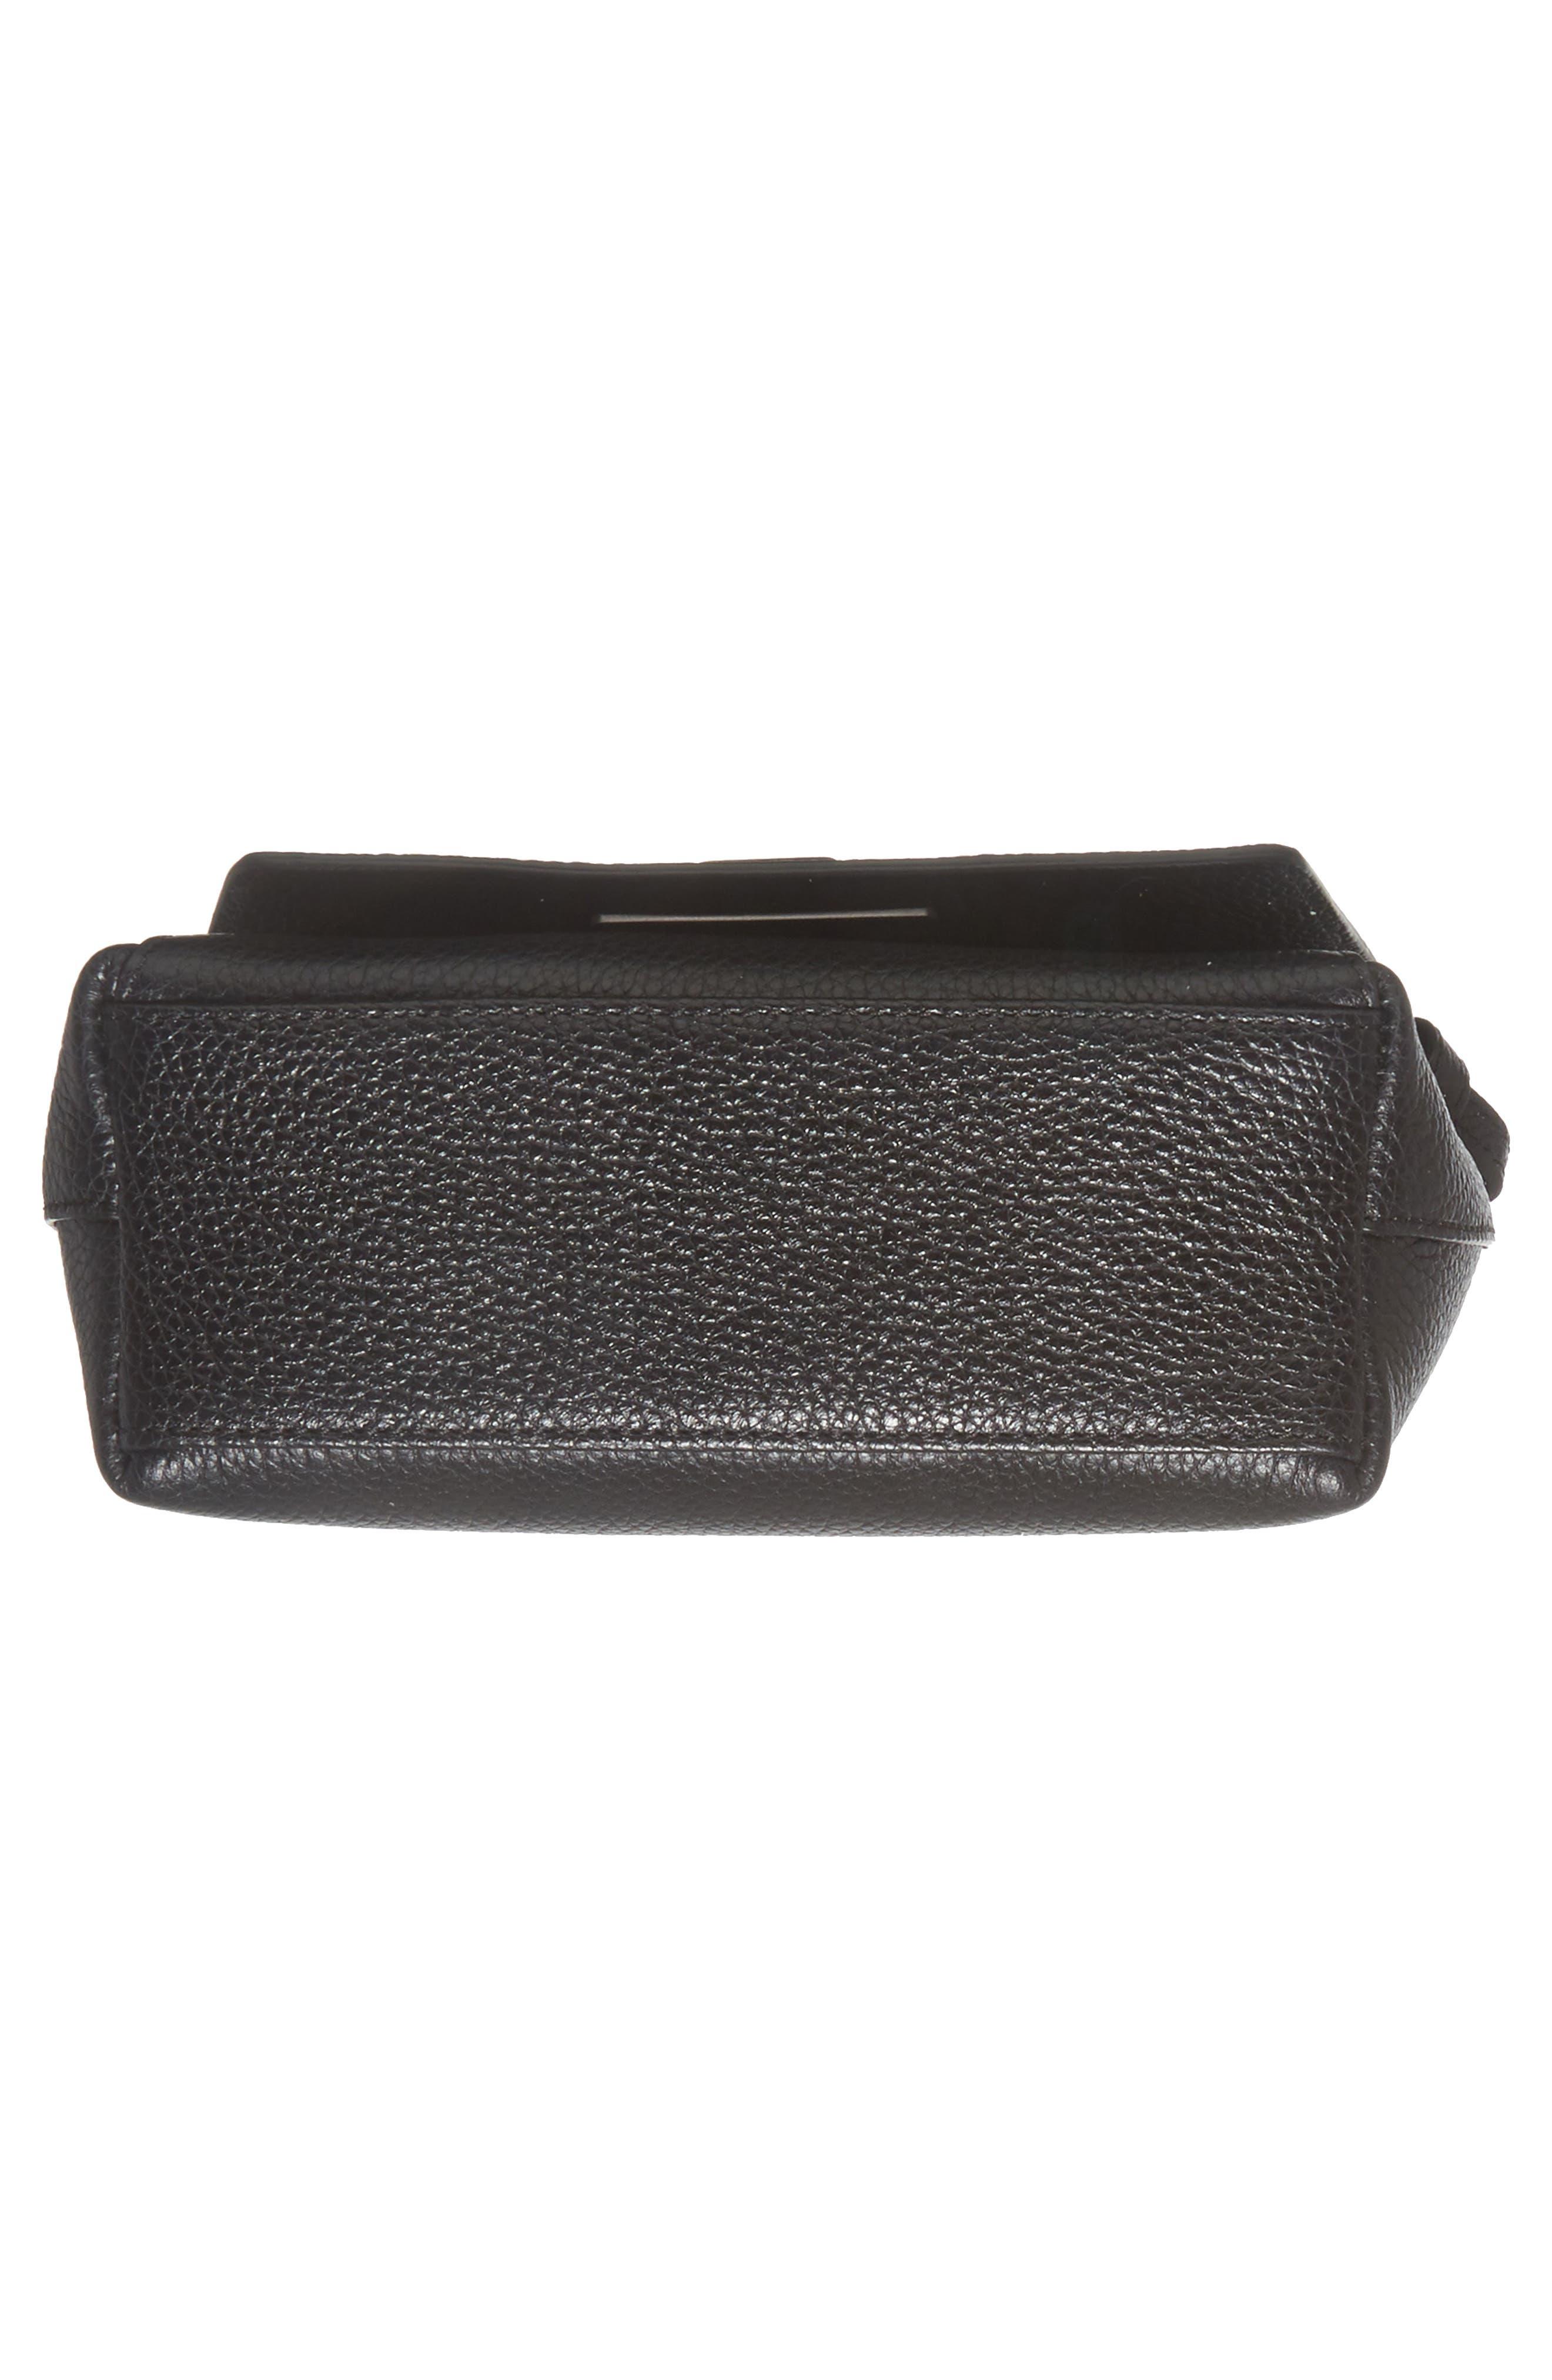 Little Anouk Leather Crossbody Bag,                             Alternate thumbnail 6, color,                             009 BLACK